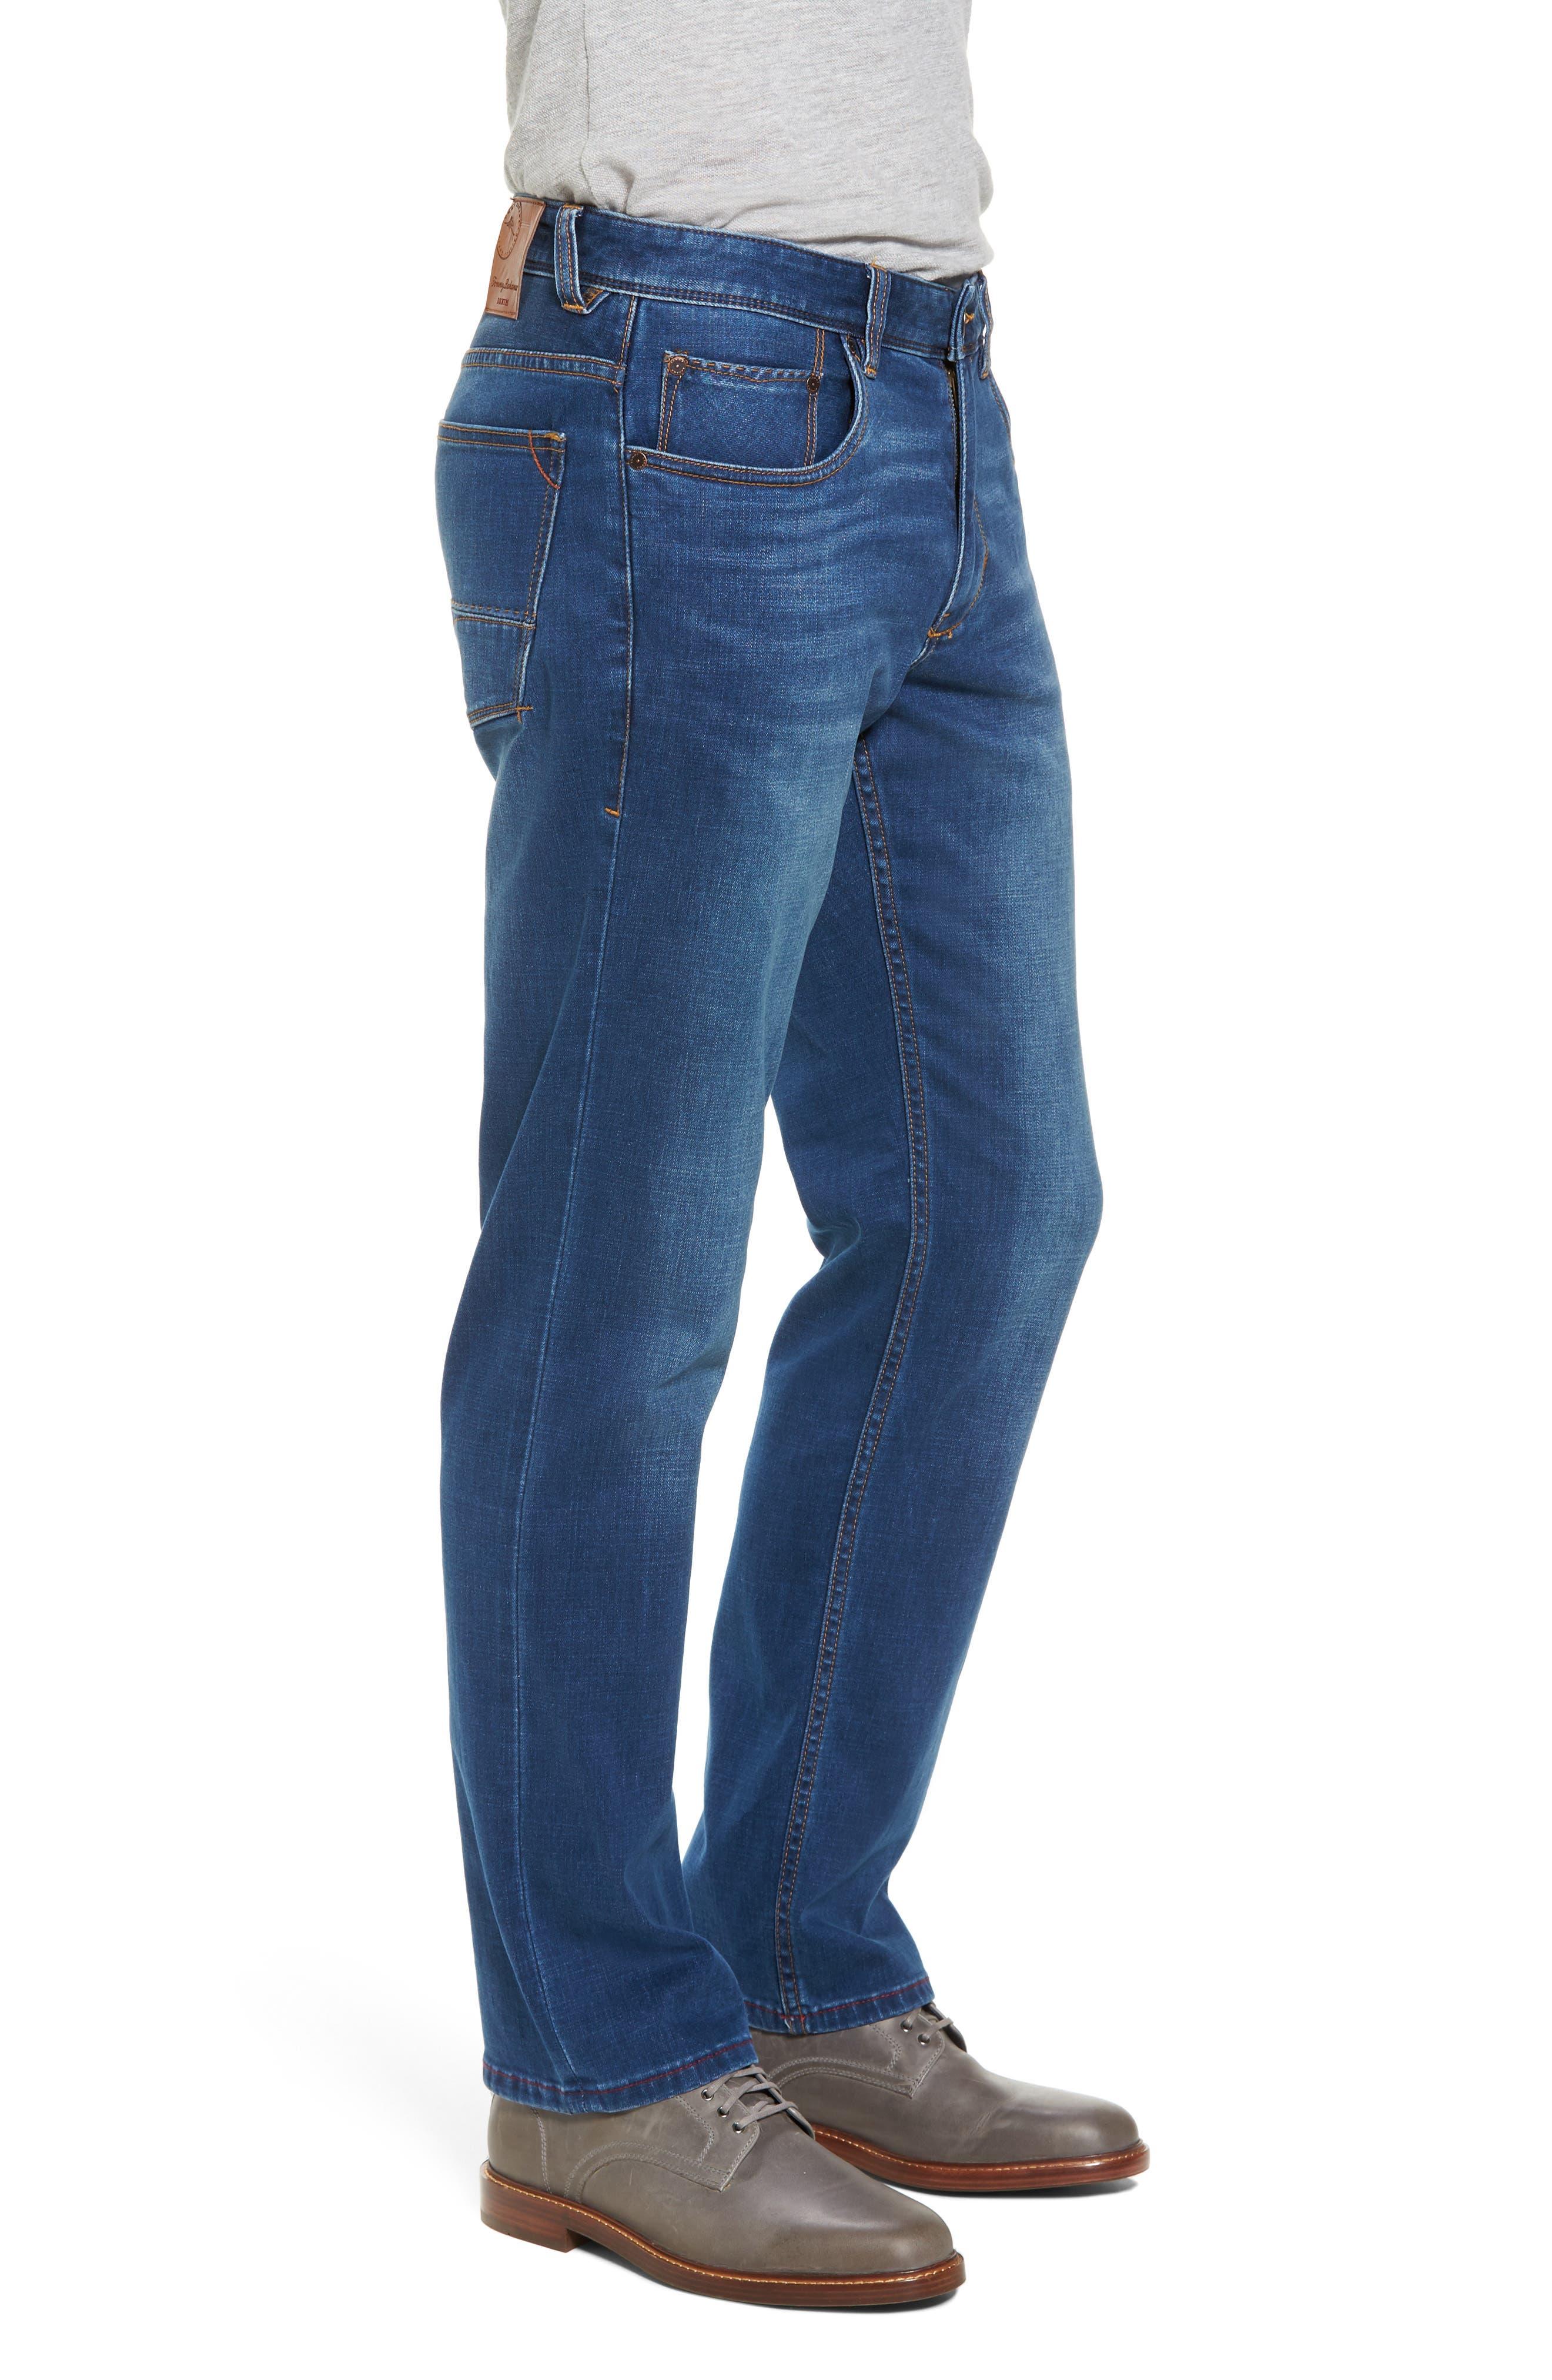 Caicos Authentic Fit Jeans,                             Alternate thumbnail 3, color,